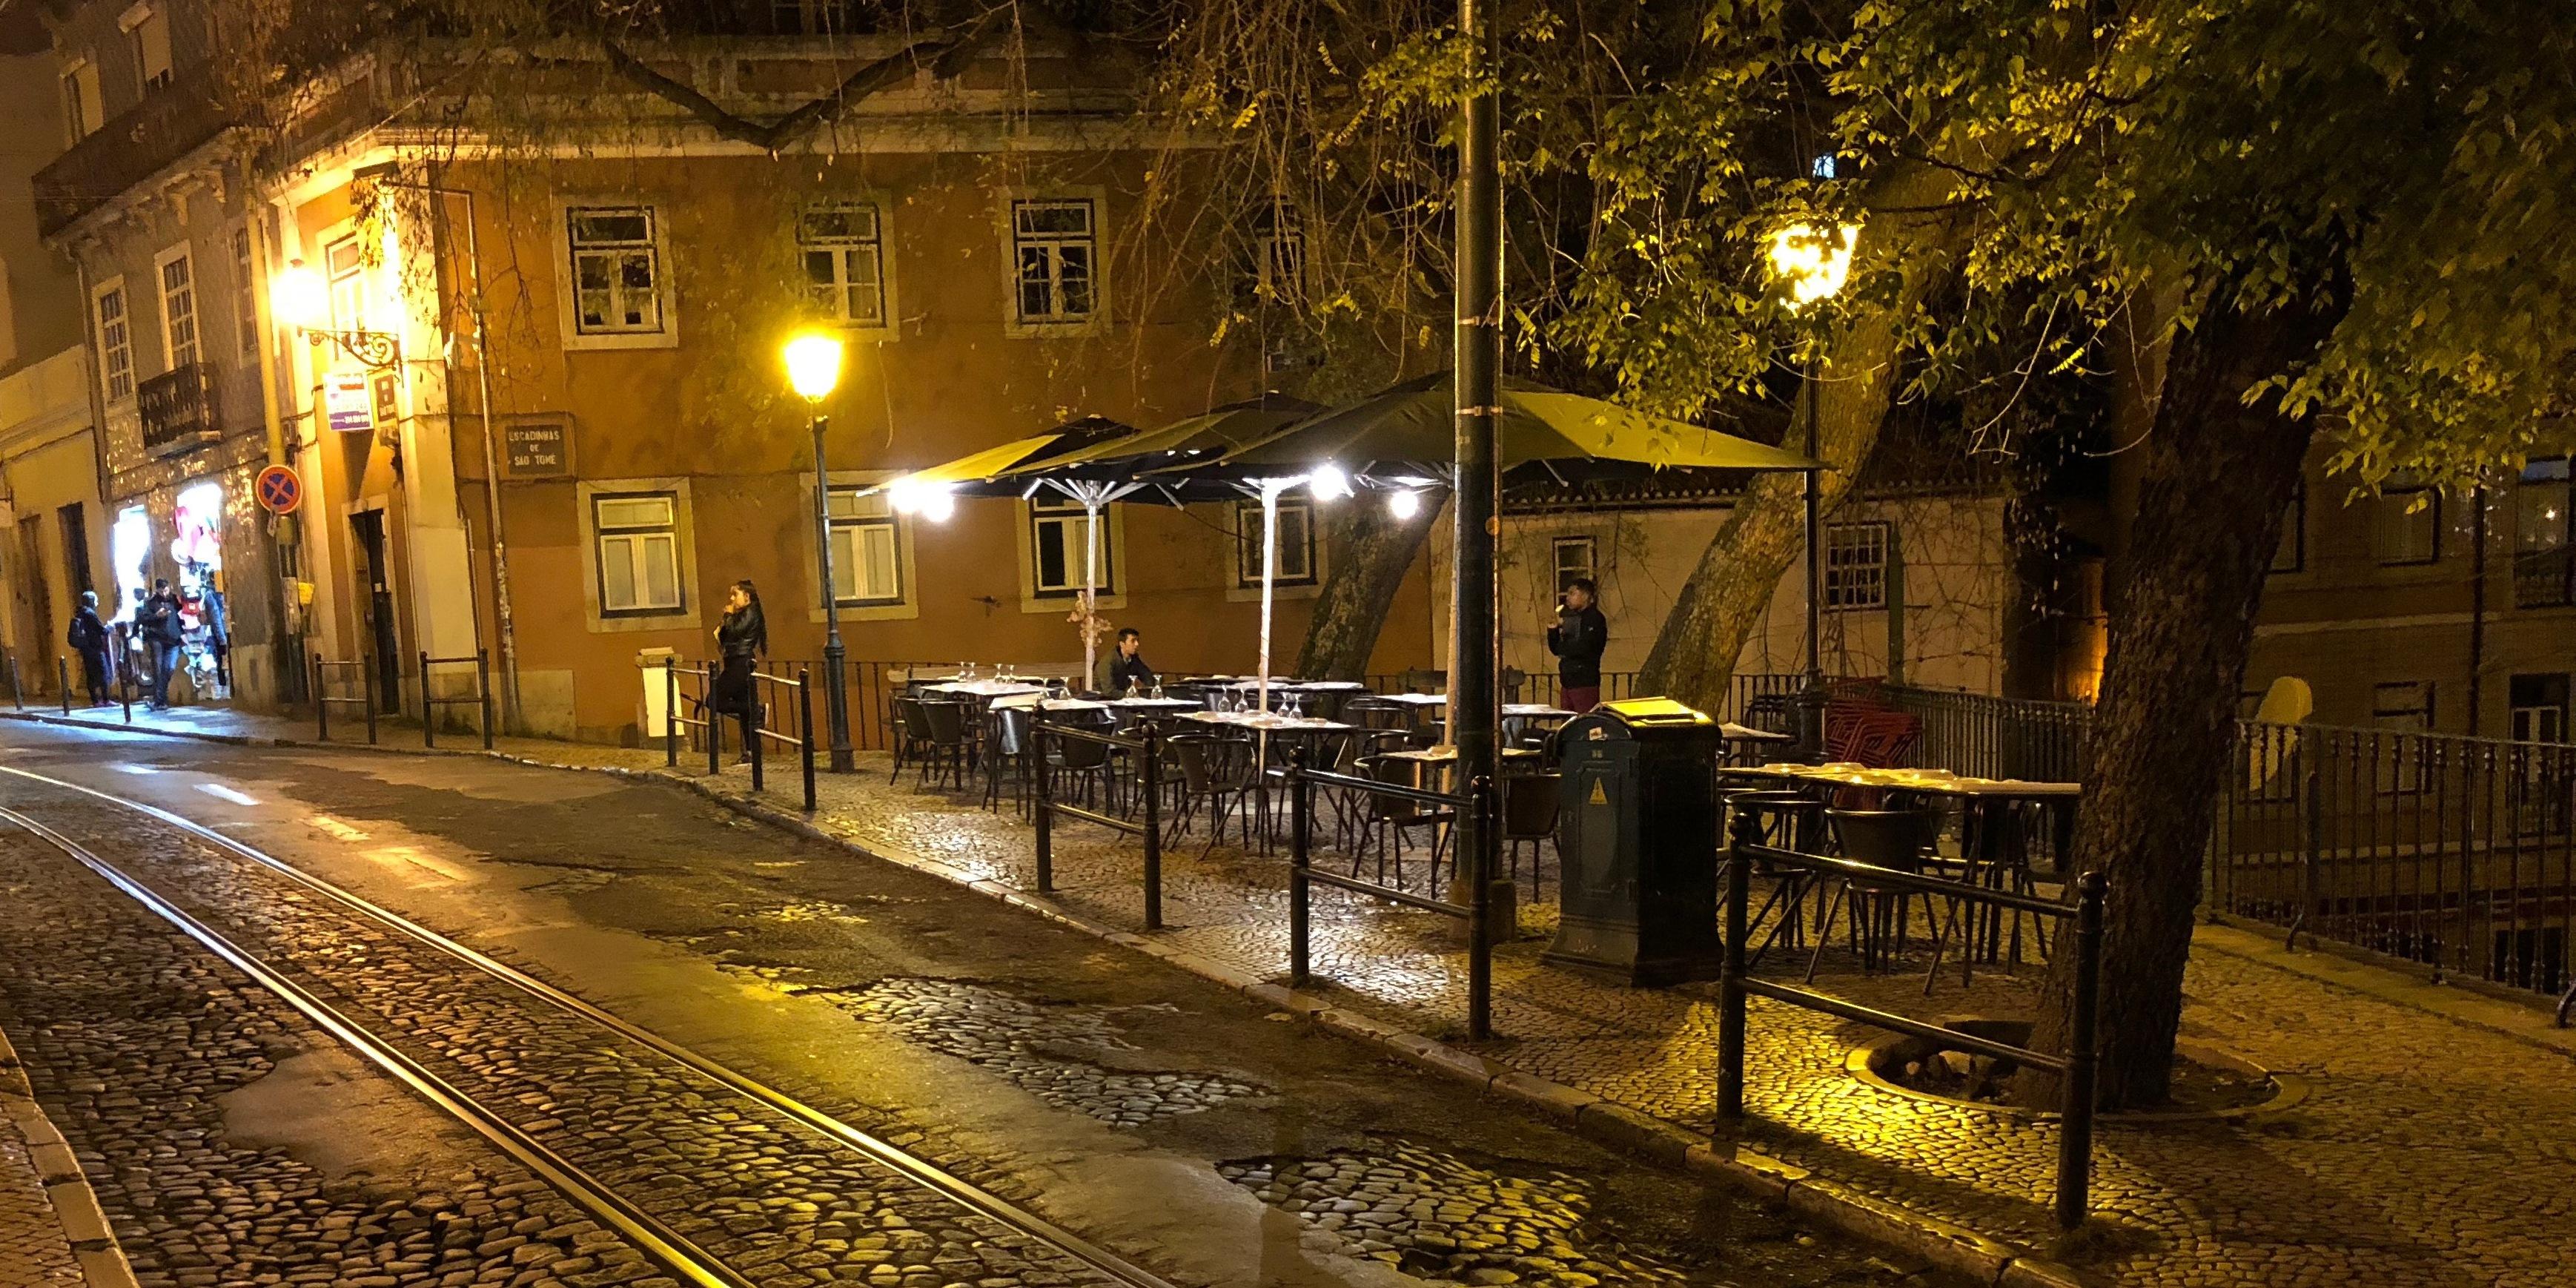 Nachttrein naar Lissabon ©Noord West Express